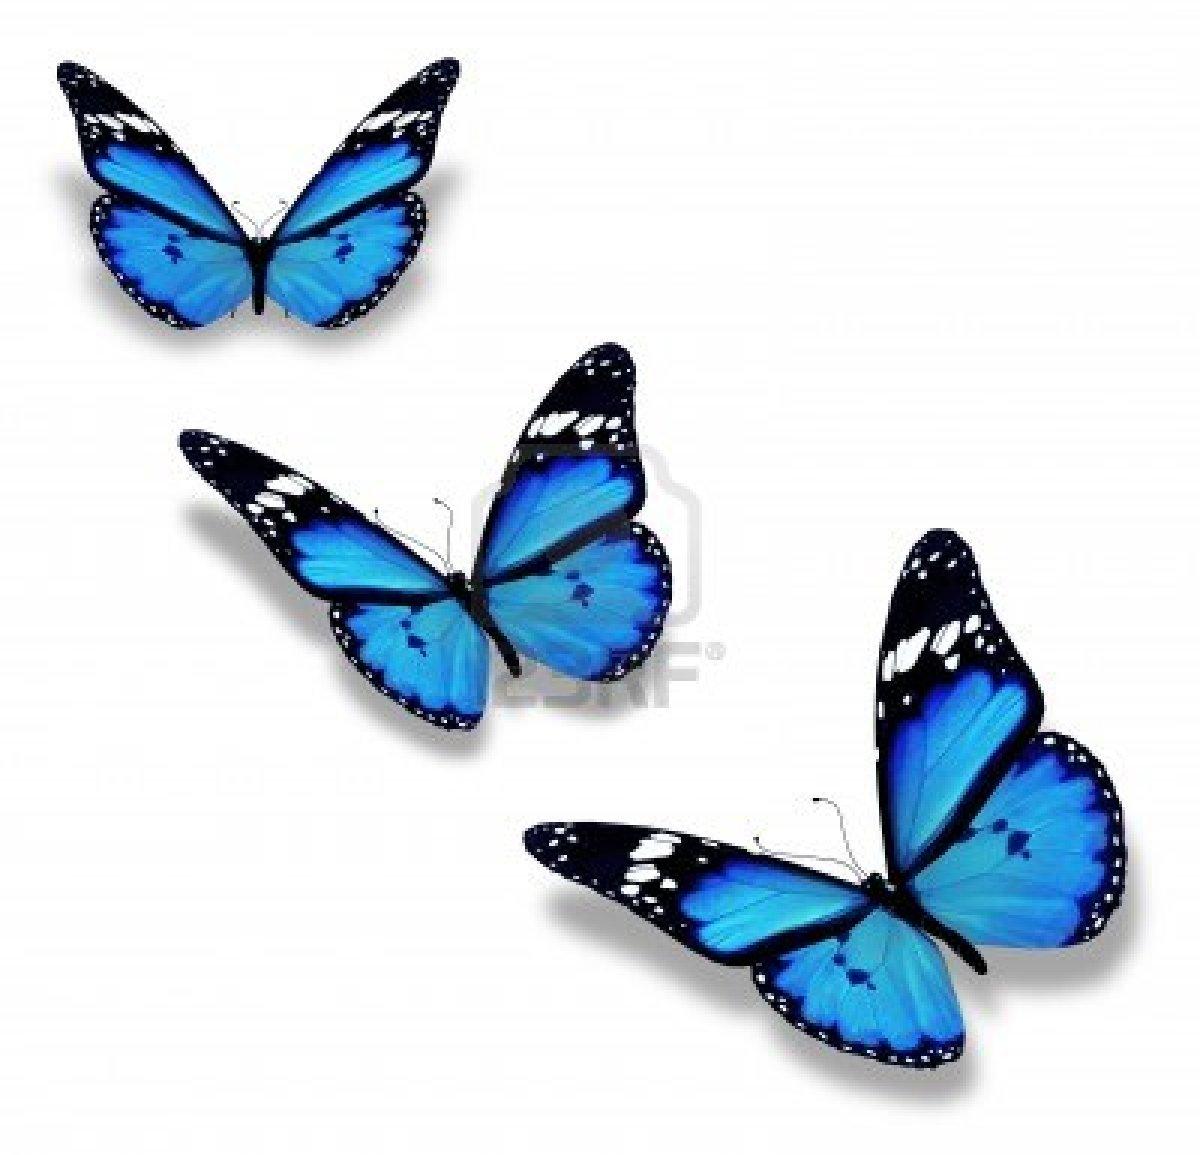 Imagenes Con Mariposas - Imágenes tiernas de mariposa Imagenes Romanticas para